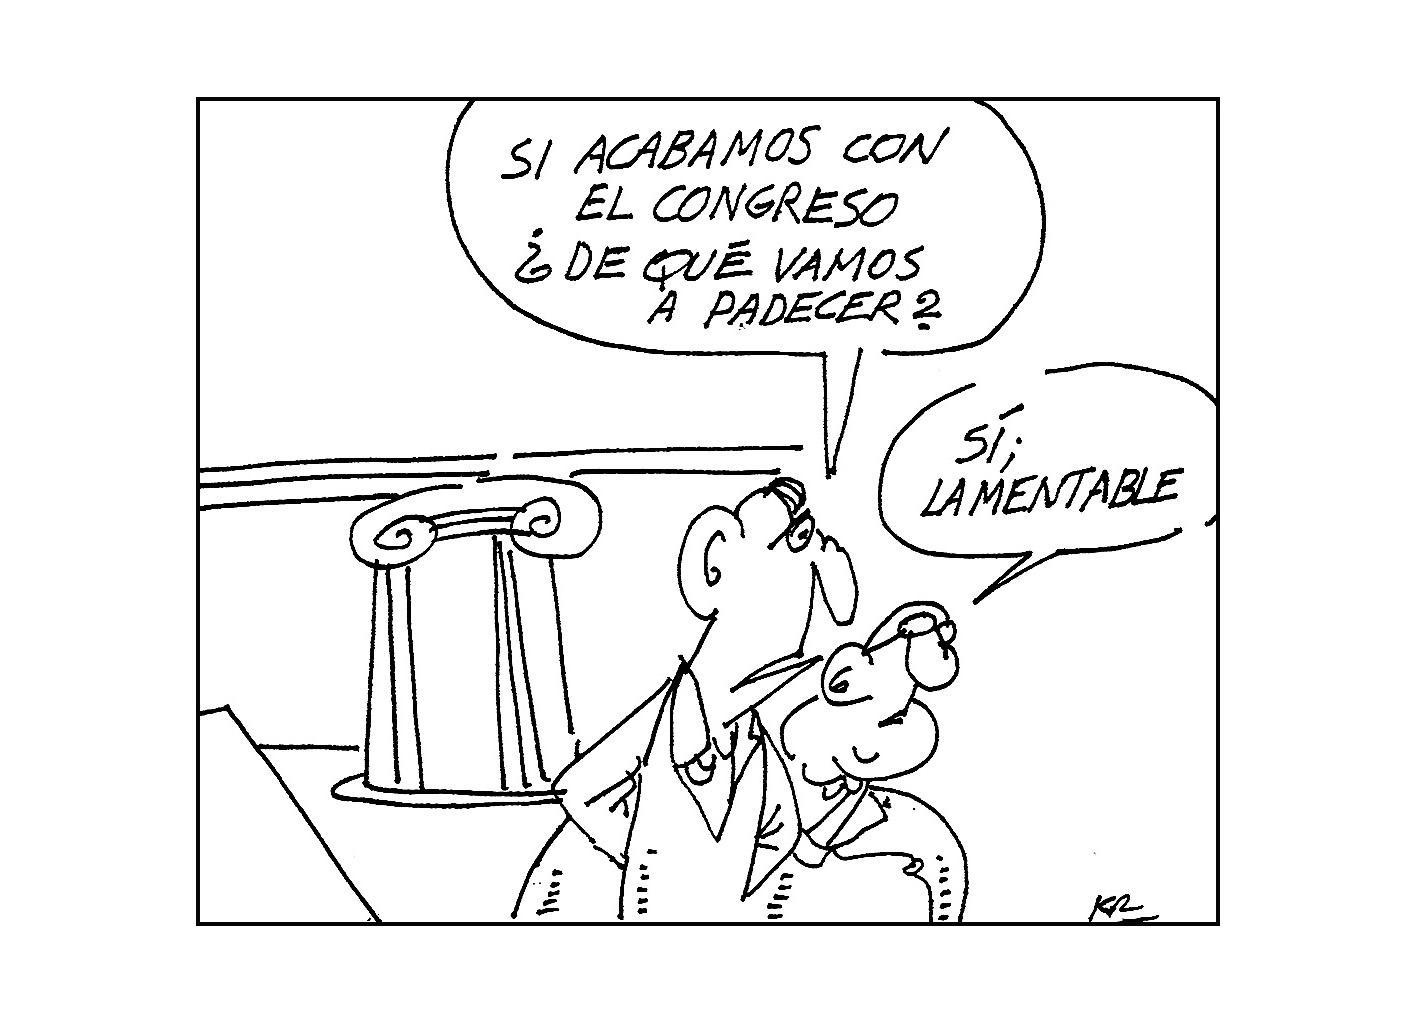 Noticias De Opinion En Vanguardia